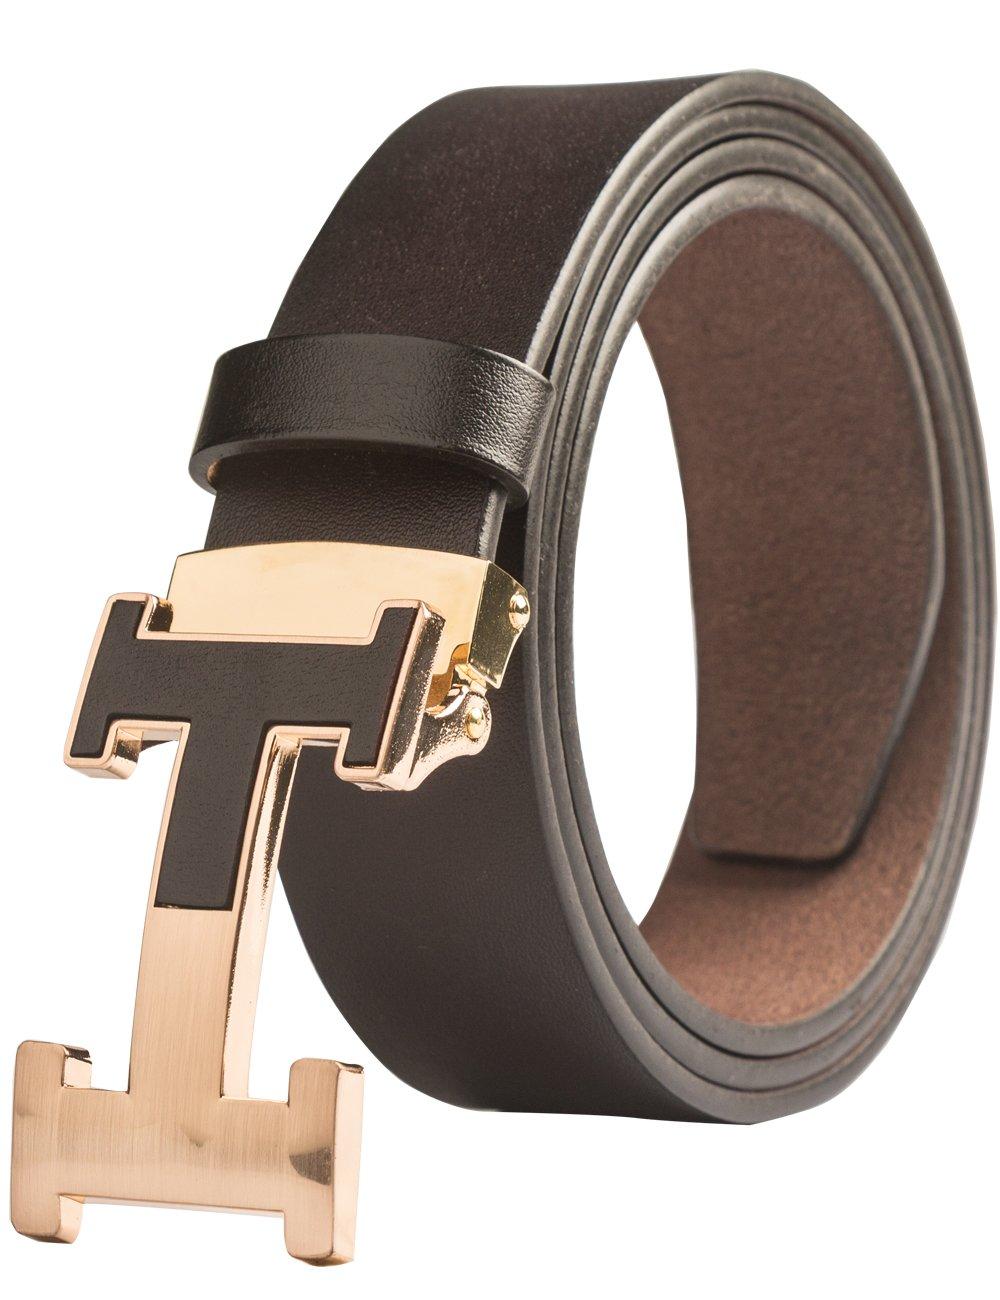 Menschwear Men's Geniune Leather Belt Slide Metal Buckle Adjustable Waistband Coffee 105cm